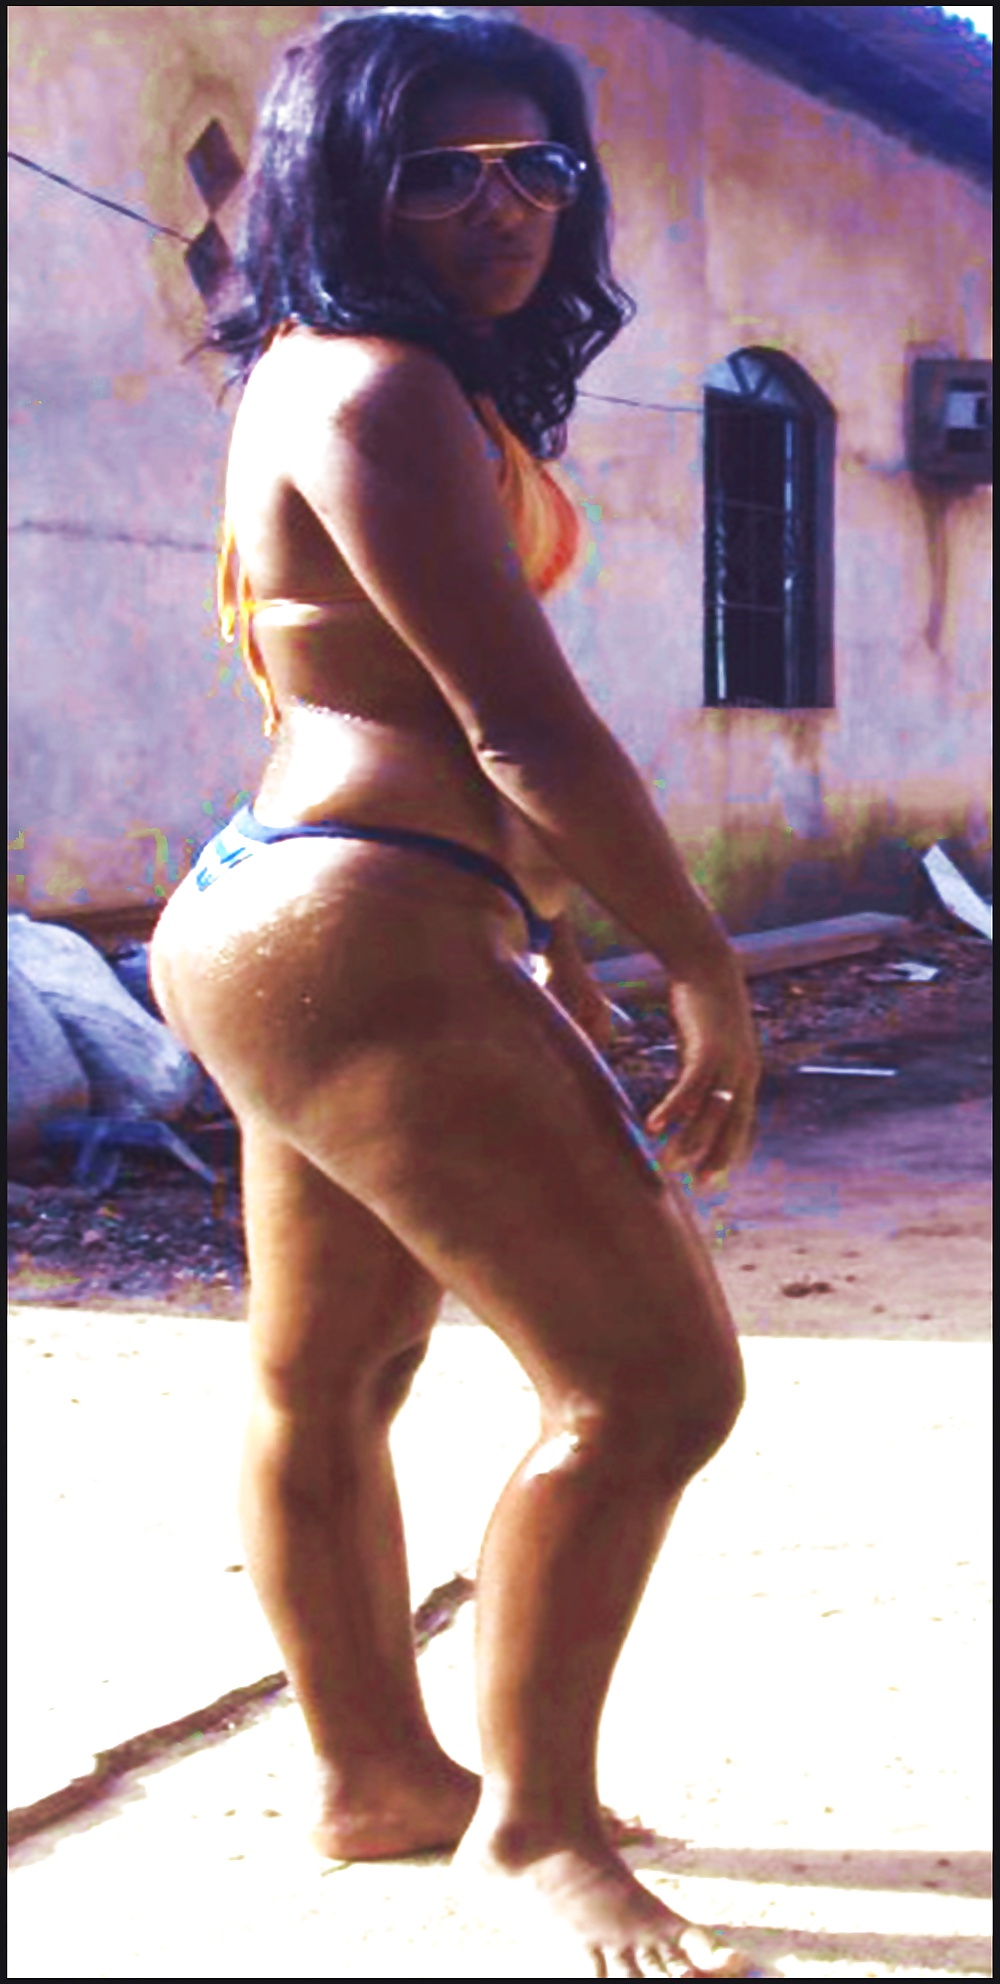 Mujeres Mulatas Porn las mujeres negras y mulatas en brasil - 35 pics | xhamster